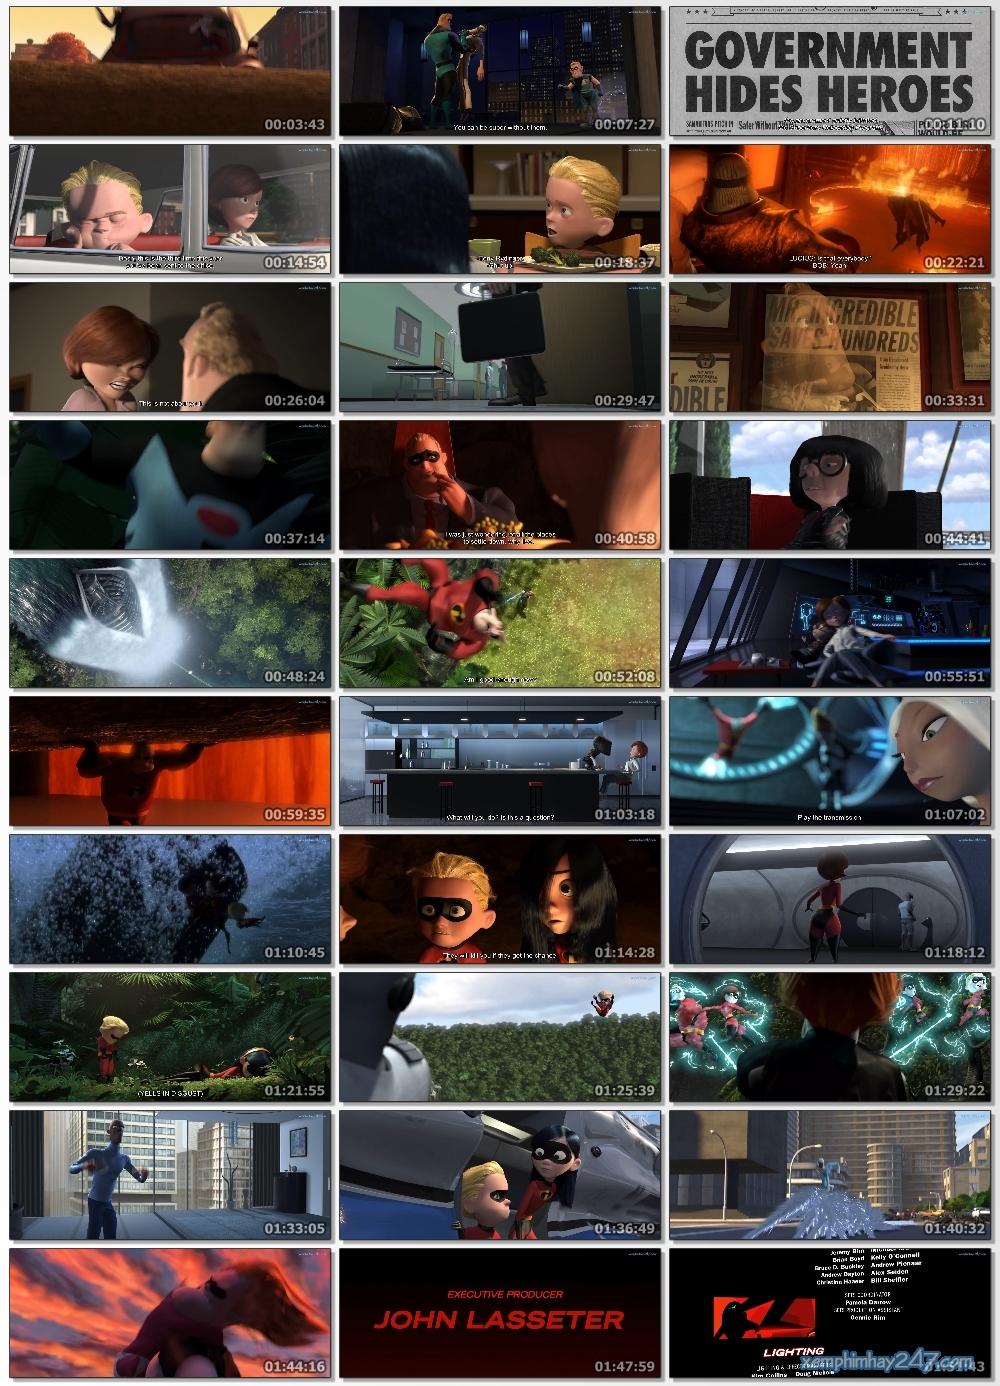 http://xemphimhay247.com - Xem phim hay 247 - Gia Đình Siêu Nhân (2004) - The Incredibles (2004)